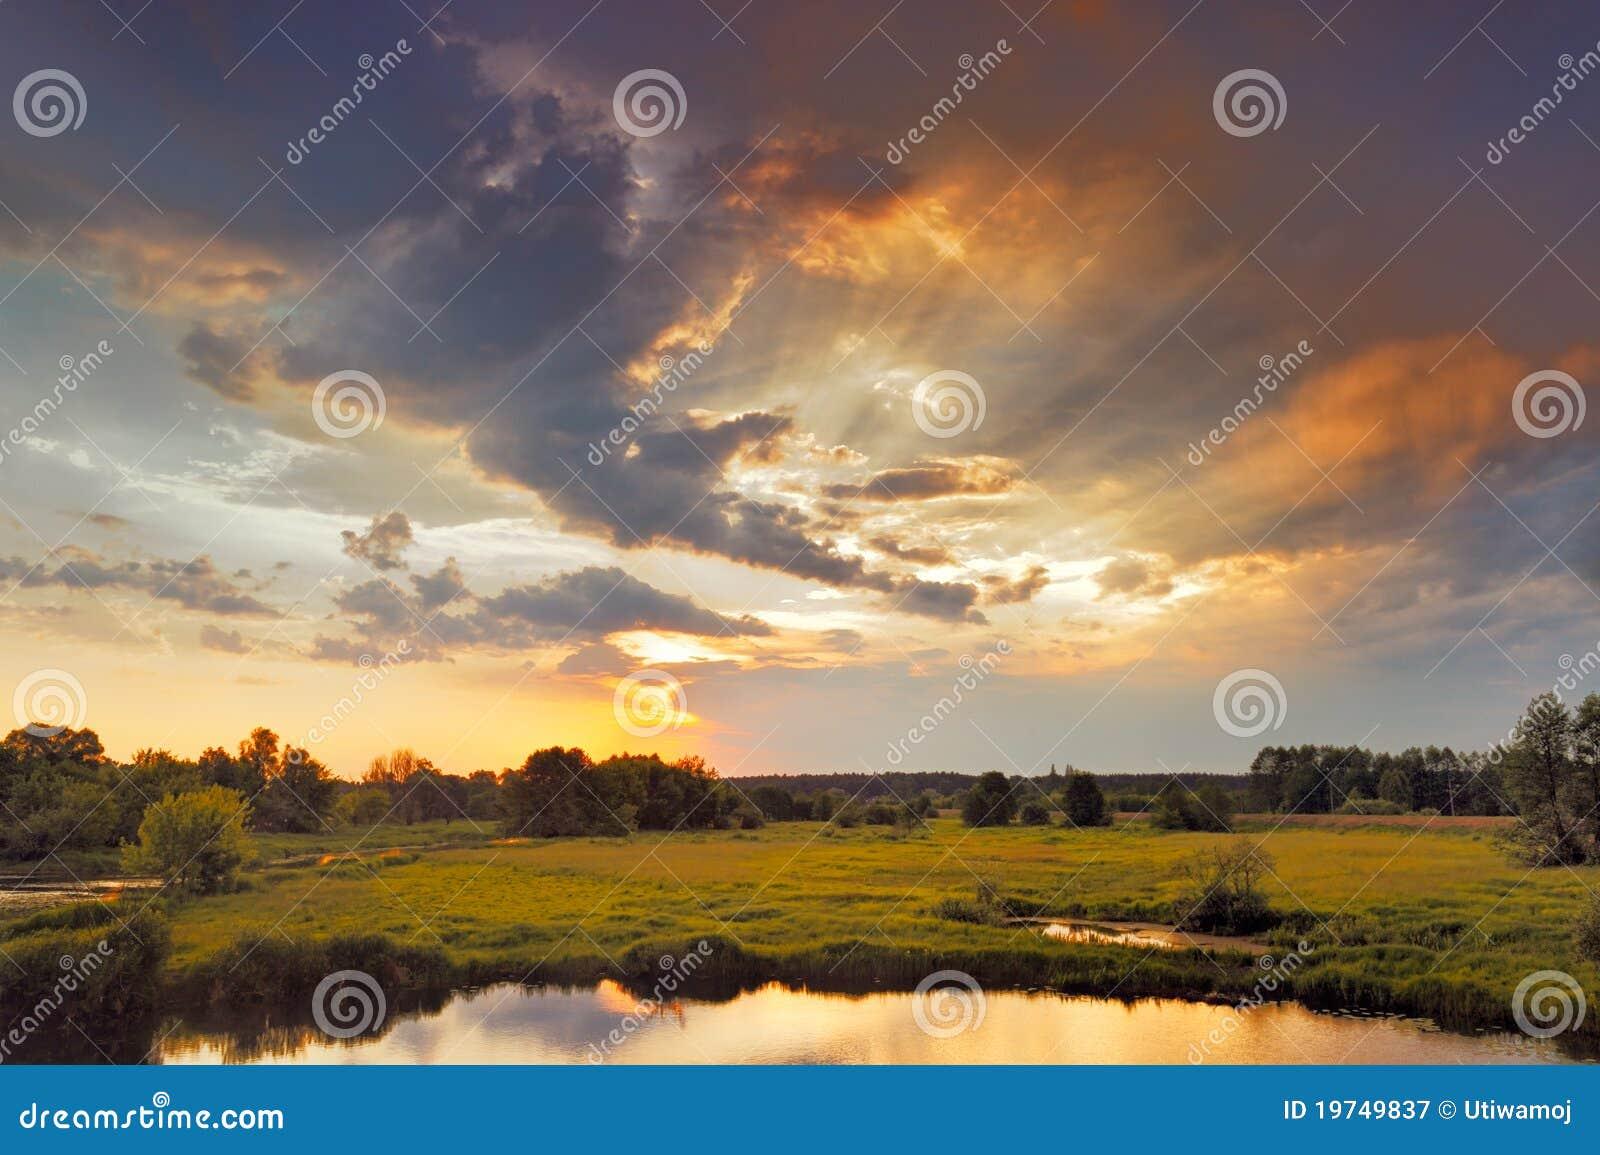 Nascer do sol bonito e nuvens dramáticas no céu.